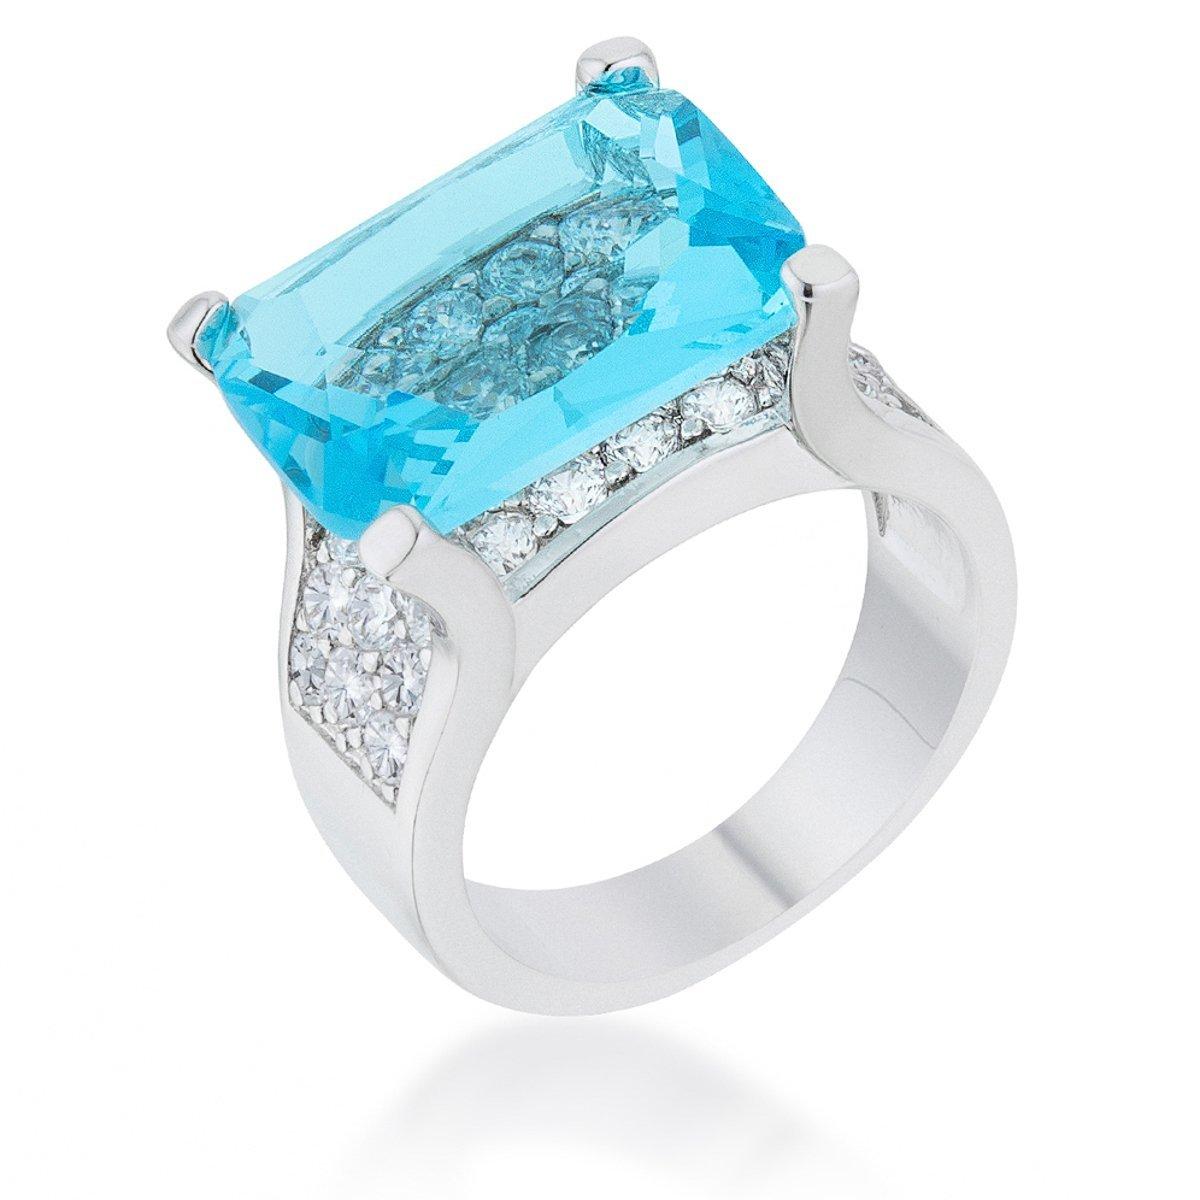 Covet 15.4ct Aqua CZ Rhodium Plated Cocktail Ring